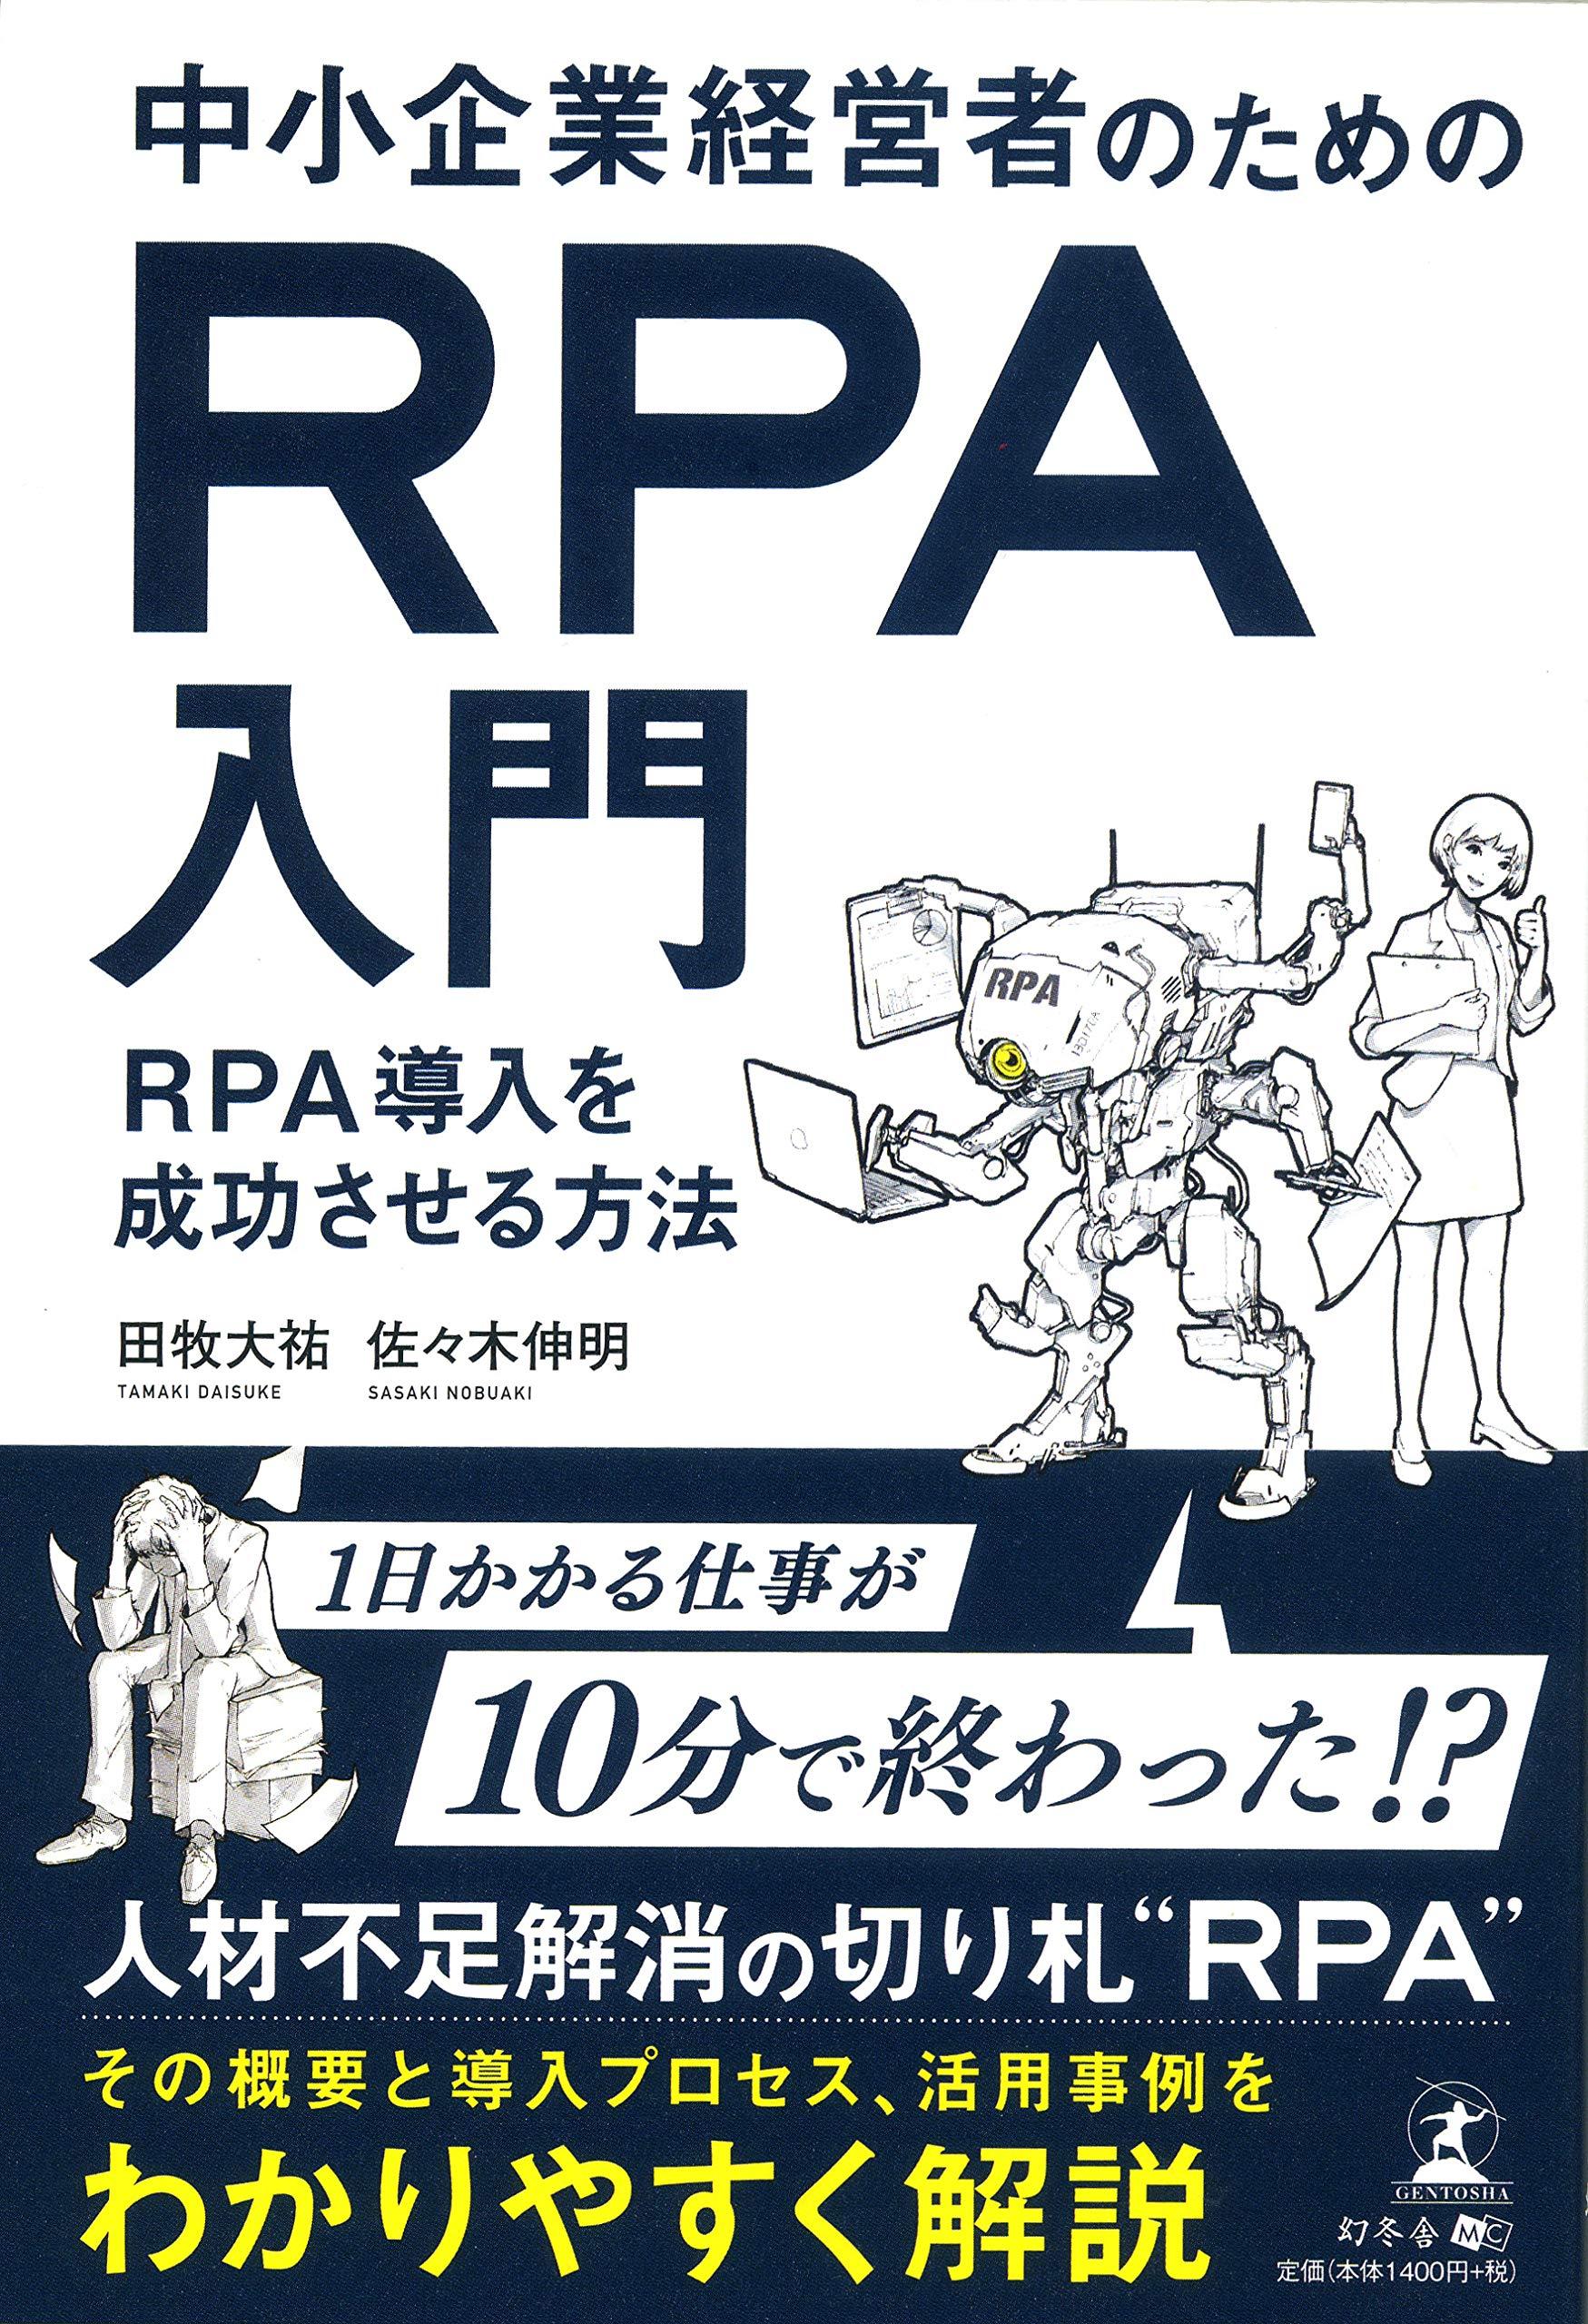 中小企業経営者のためのRPA入門